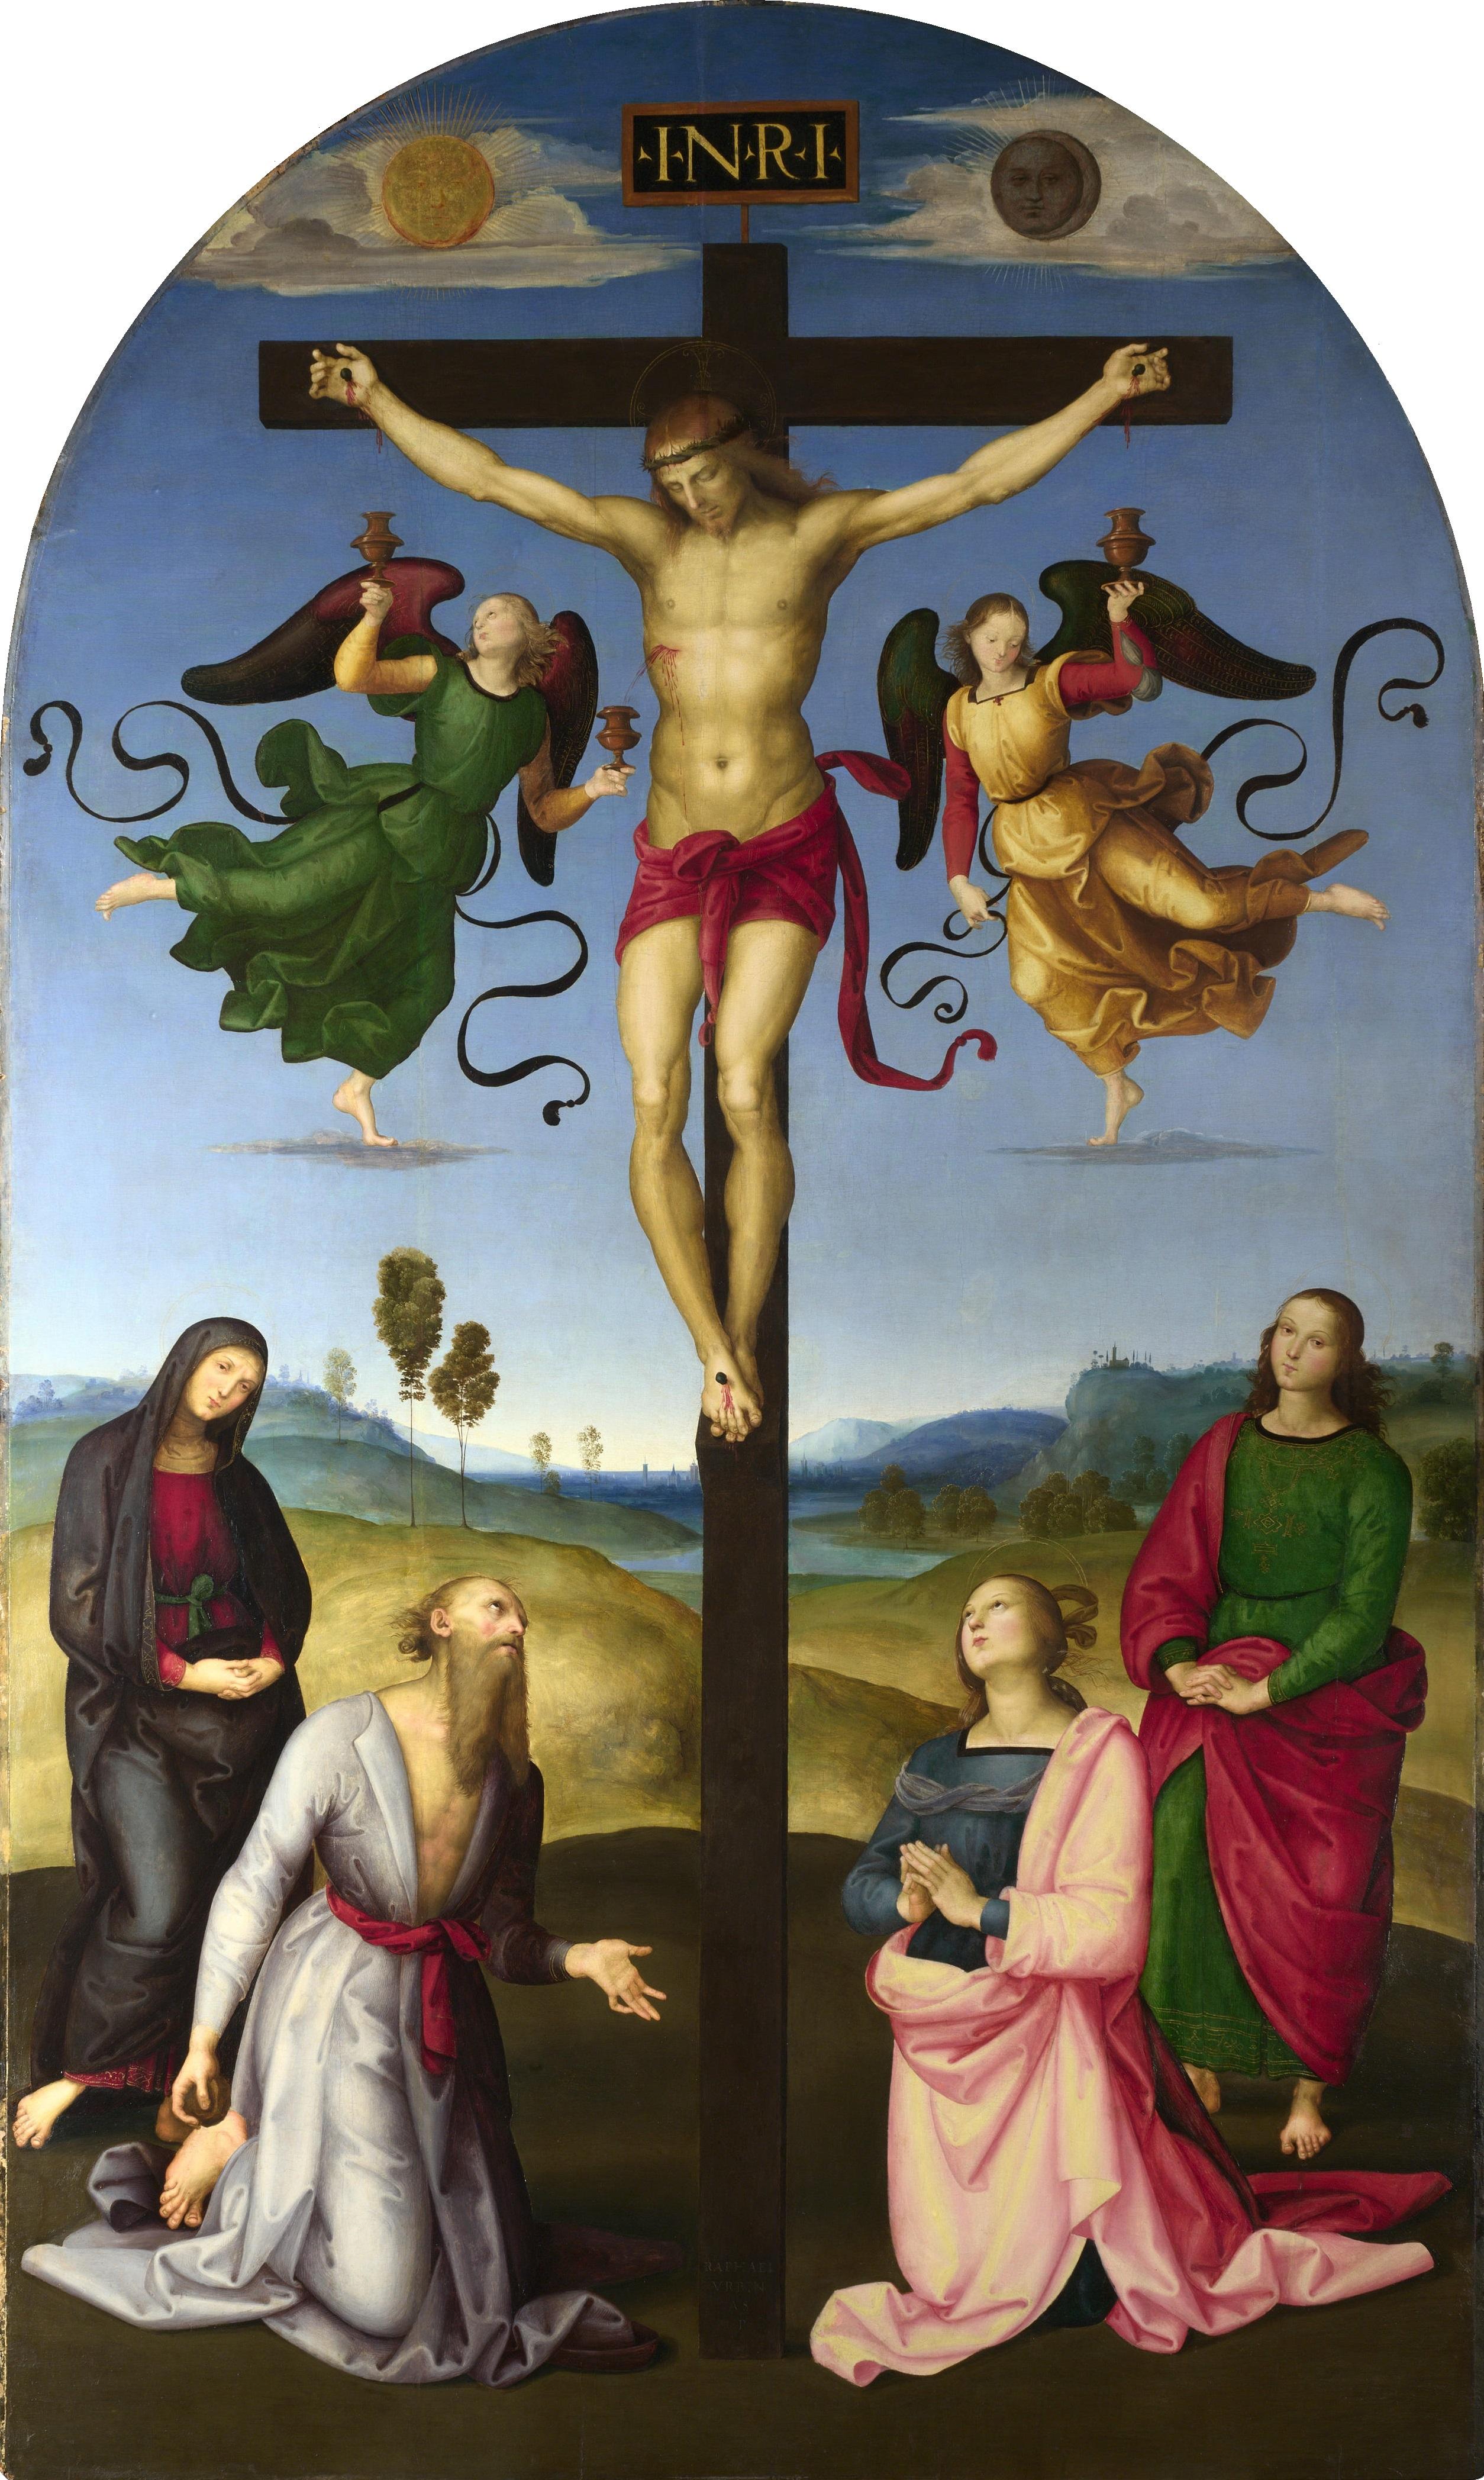 Mond Crucifixion - Wikipedia